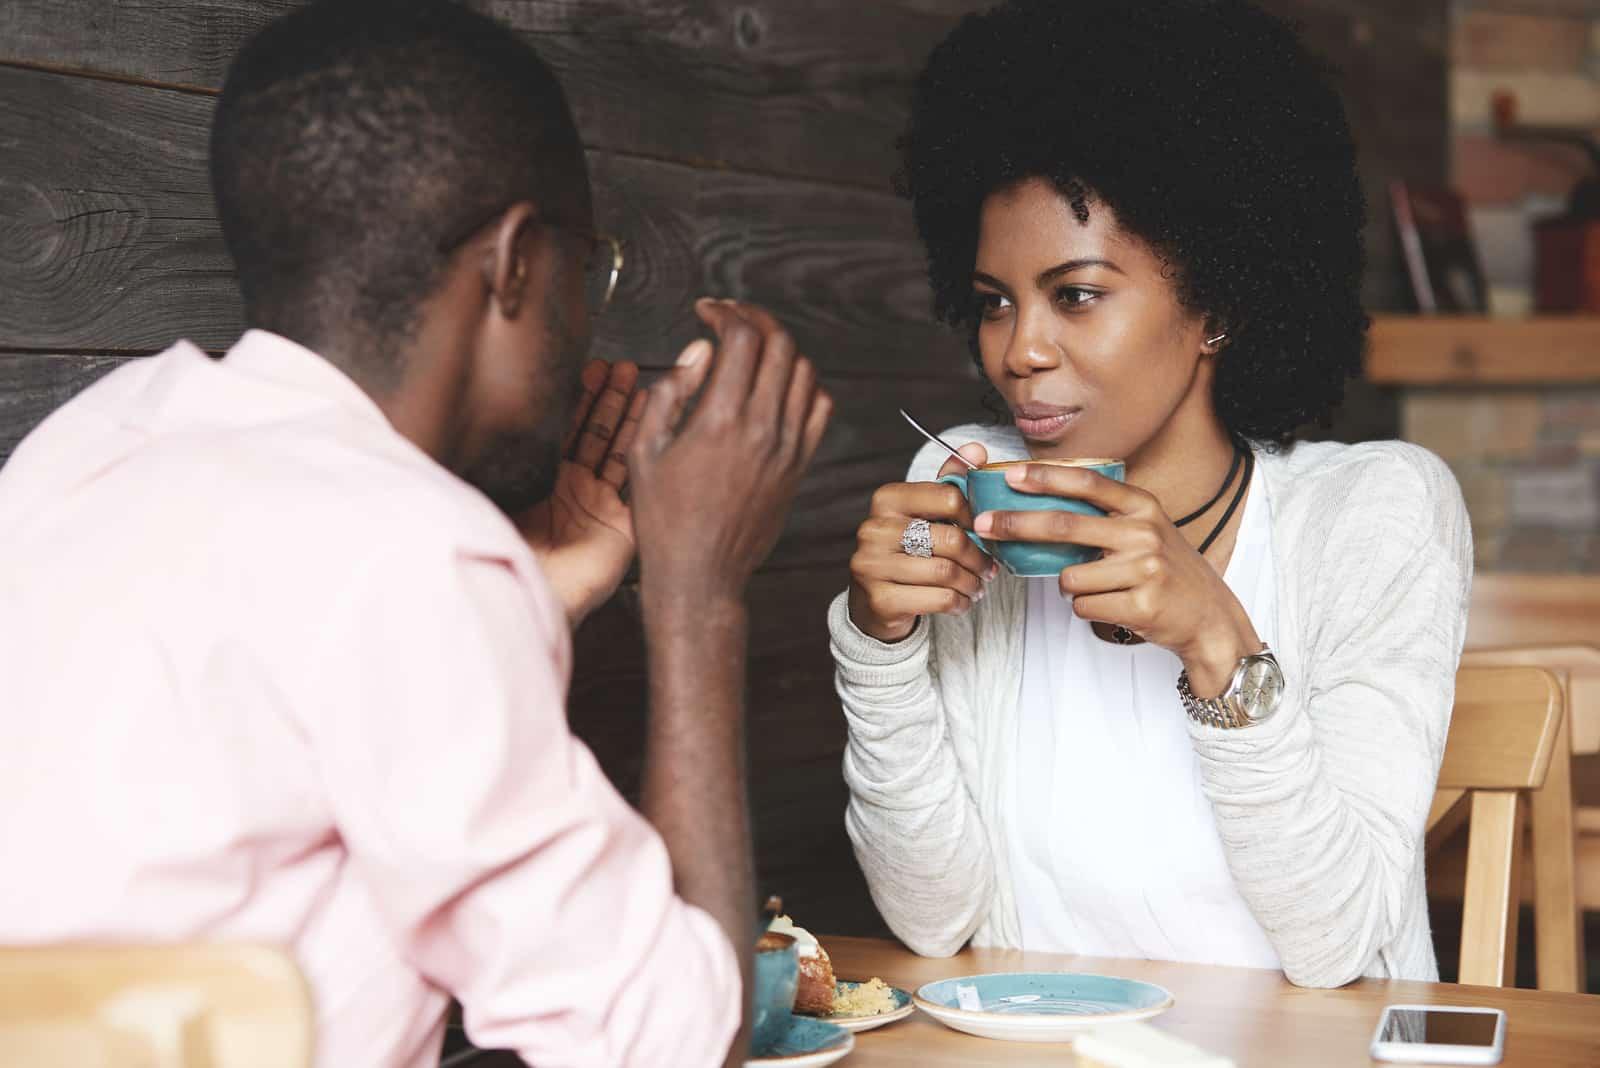 femme écoutant et regardant son petit ami avec une expression amoureuse